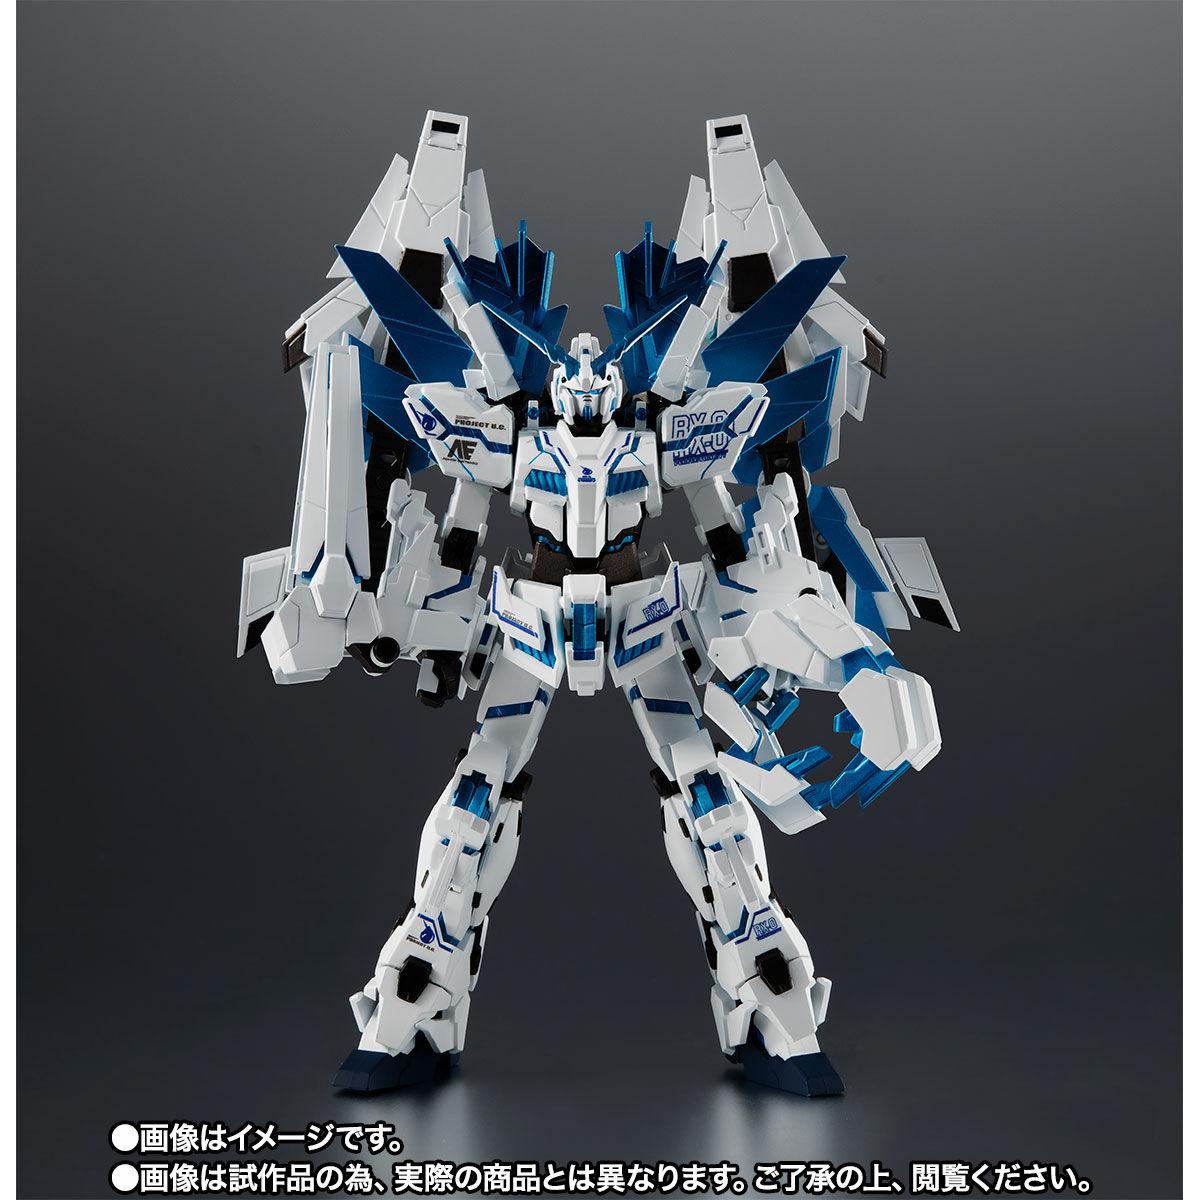 【限定販売】ROBOT魂〈SIDE MS〉『ユニコーンガンダム ペルフェクティビリティ・ディバイン』ガンダムUC 可動フィギュア-008